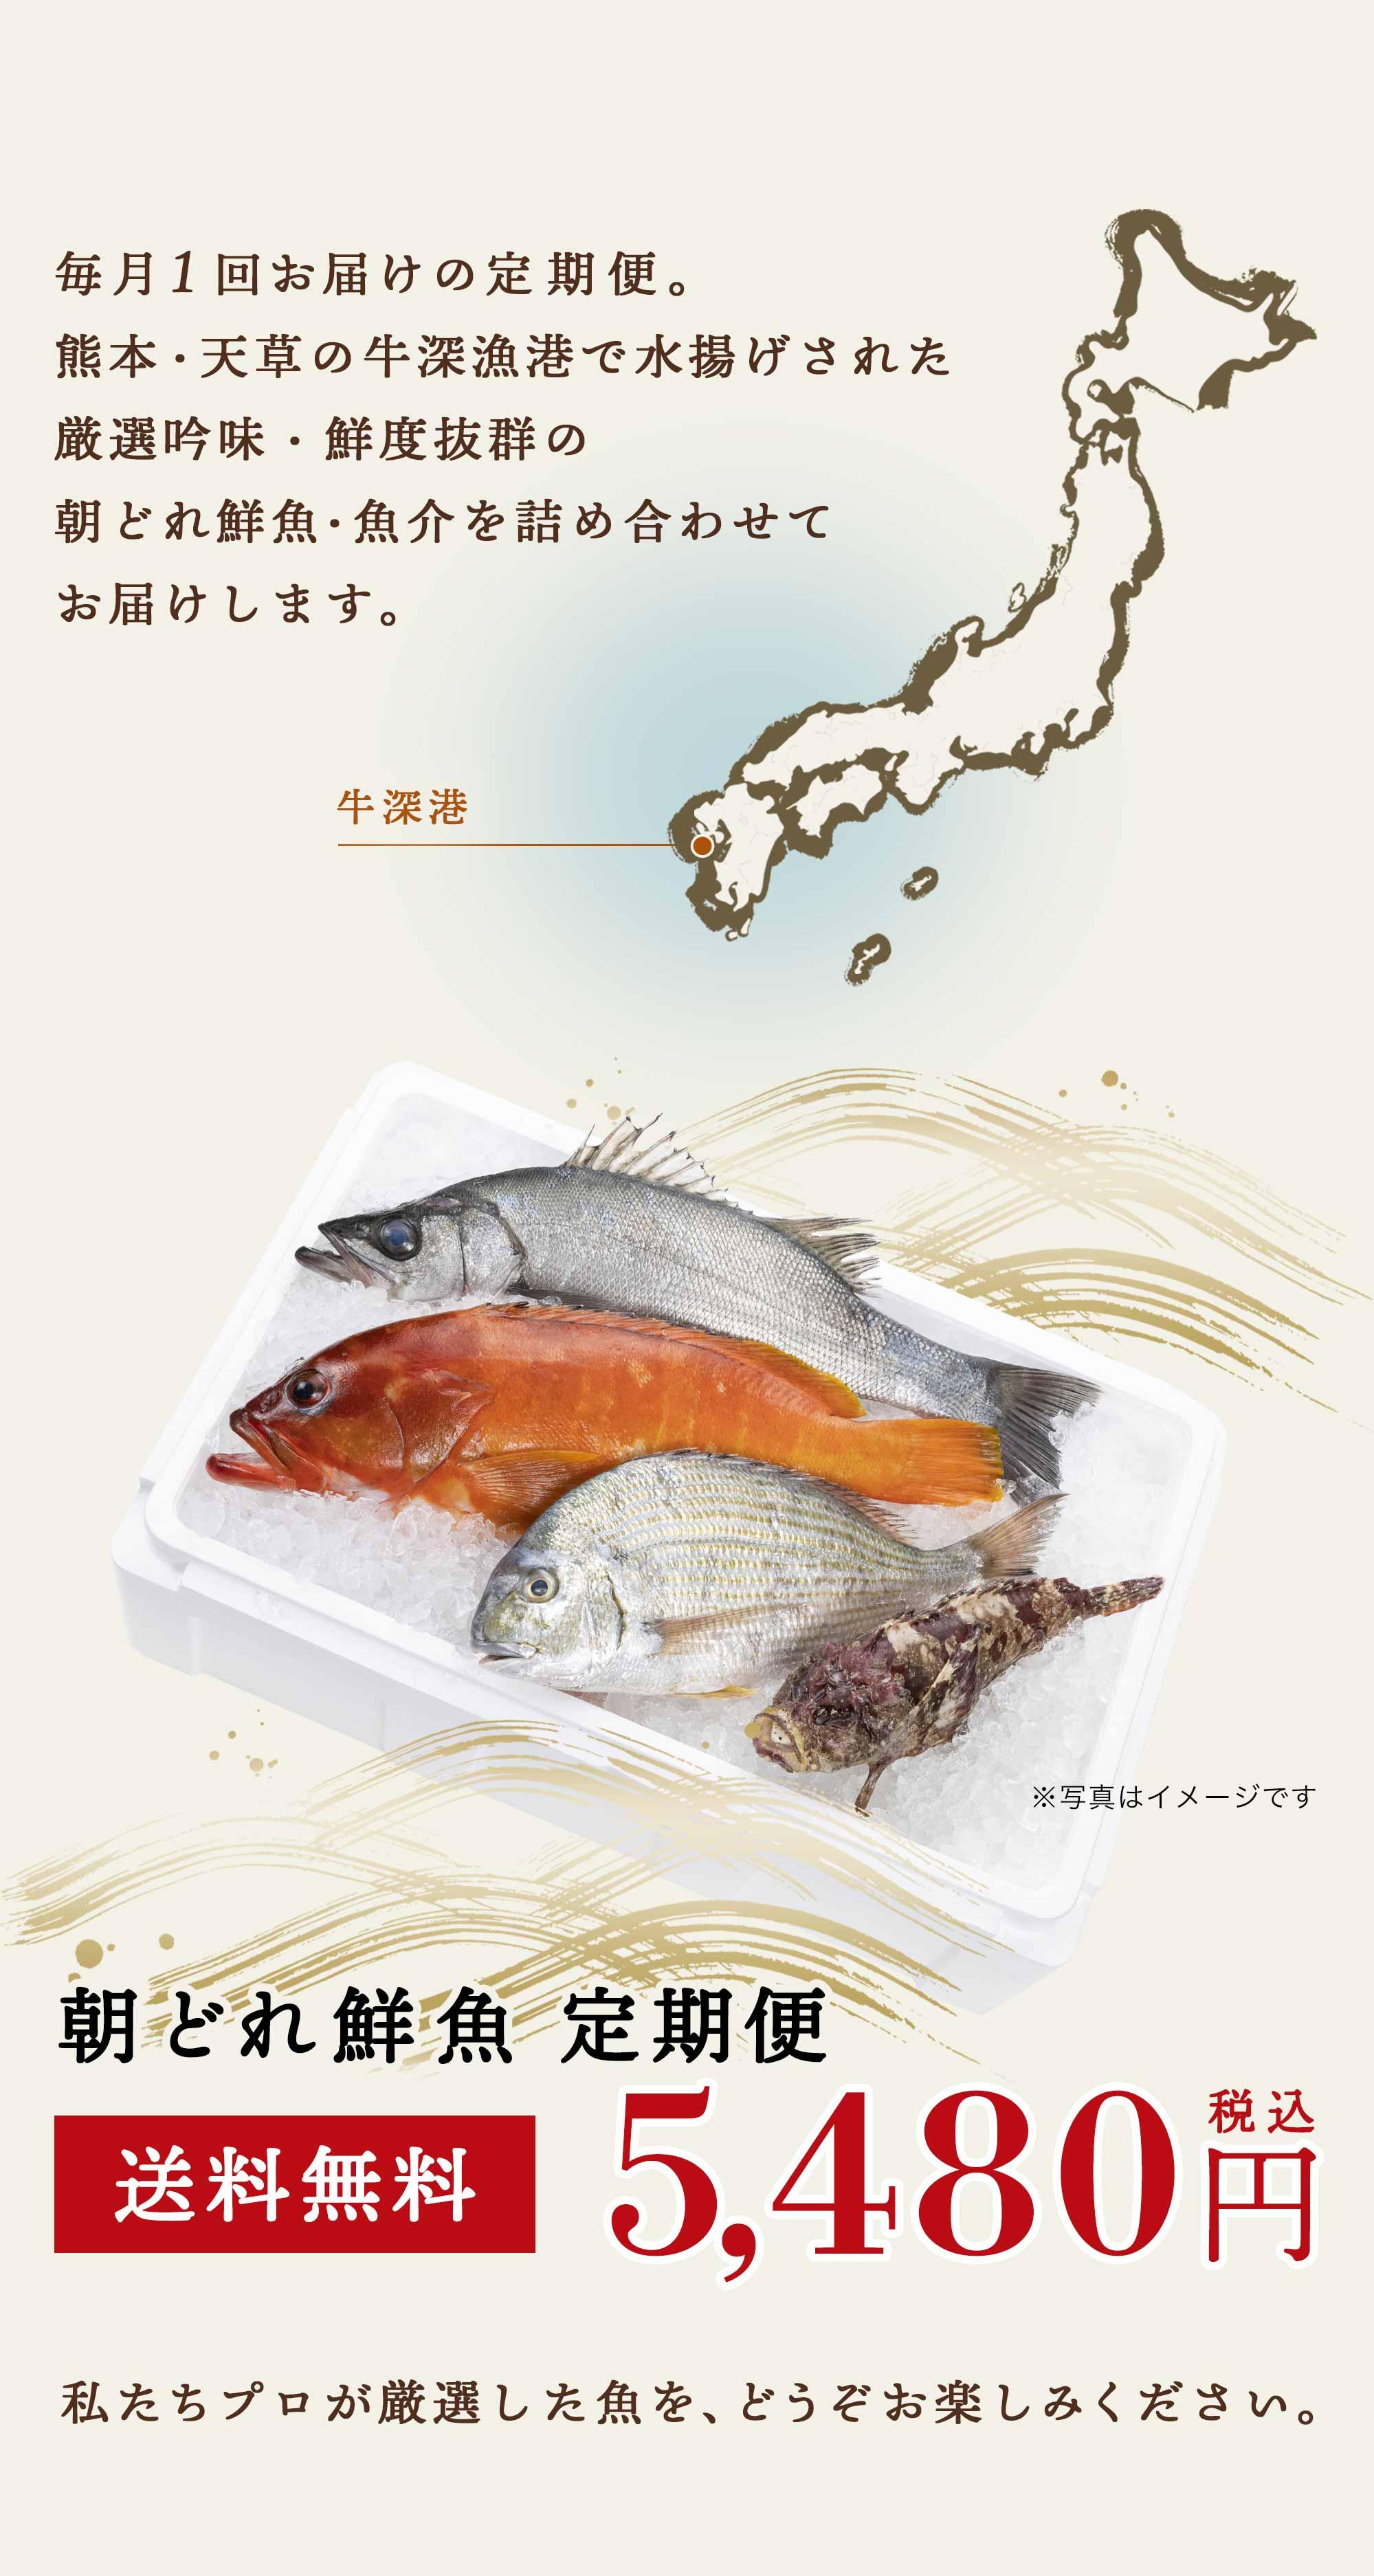 毎月1回お届けの定期便。熊本・天草の牛深漁港で水揚げされた厳選吟味・鮮度抜群の朝どれ鮮魚・魚介を詰め合わせてお届けします。私たちプロが厳選した魚を、どうぞお楽しみください。